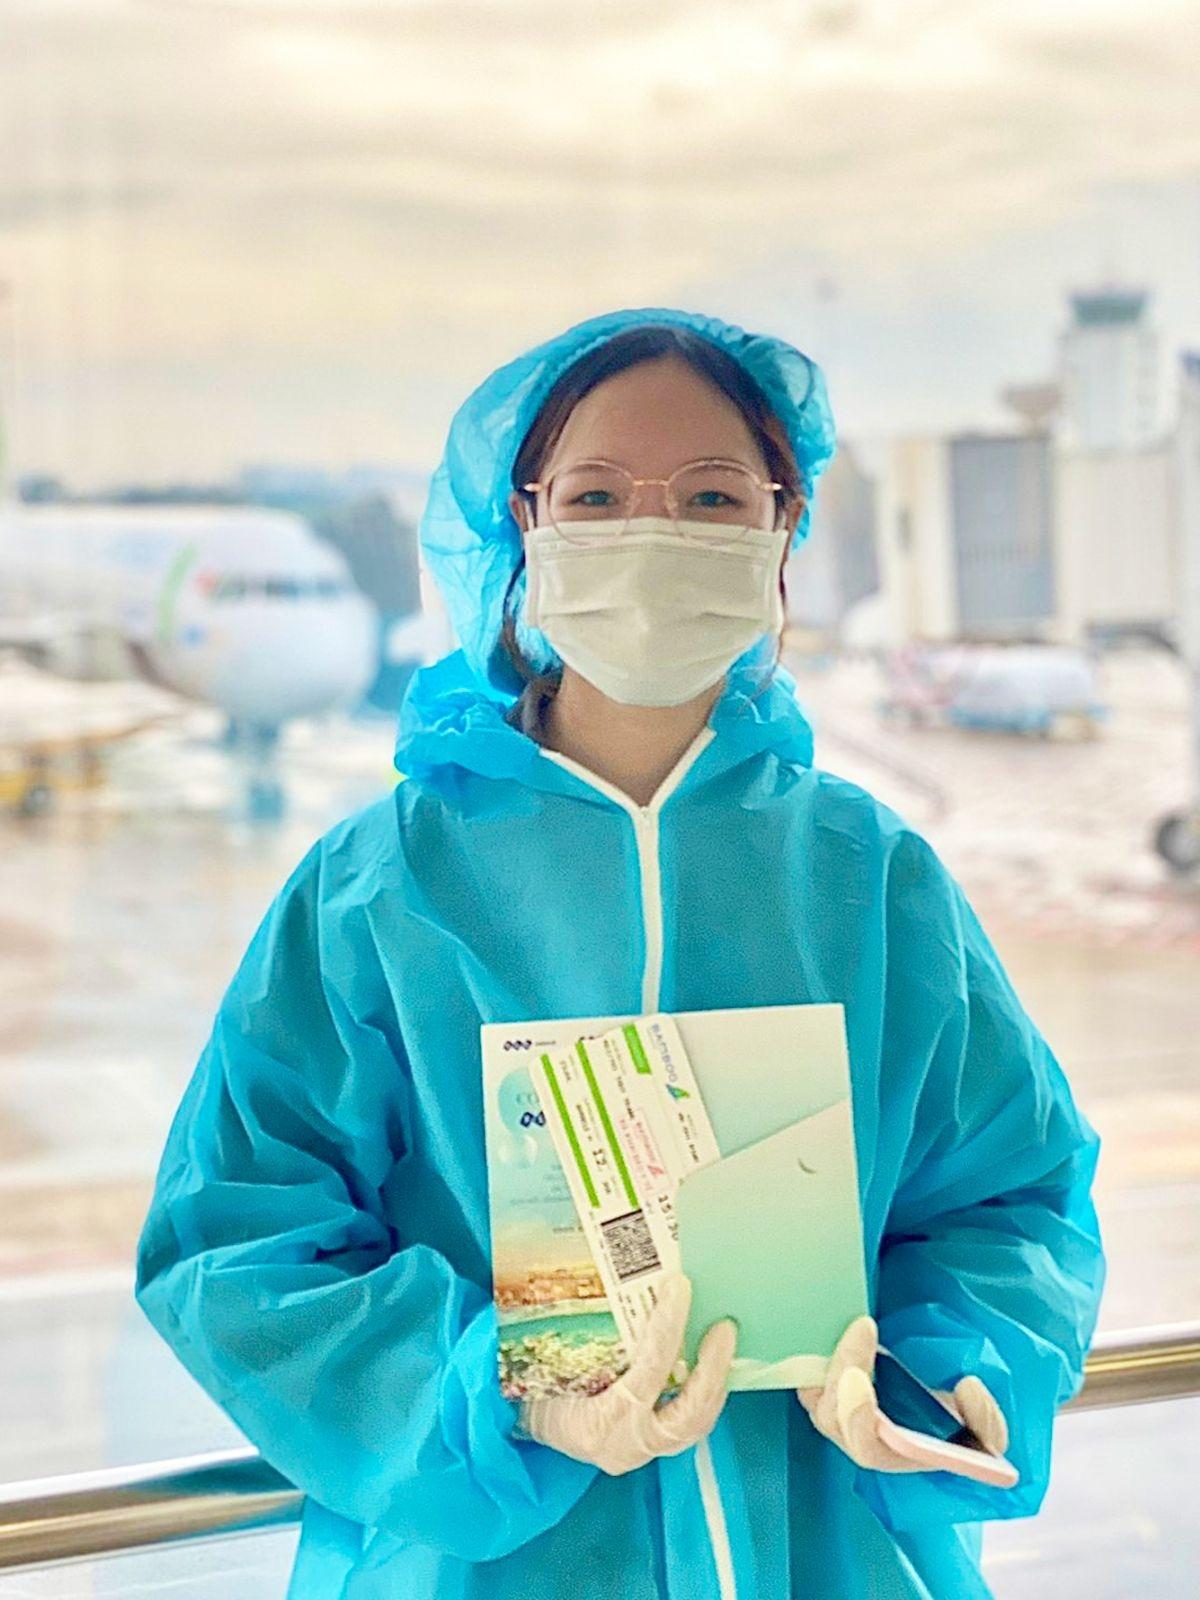 Bamboo Airways đã phối hợp chặt chẽ với UBND tỉnh Bình Định để lên phương án vừa đảm bảo an toàn bay, vừa đảm bảo an toàn phòng chống dịch Covid-19. Công dân được sàng lọc yếu tố dịch tễ lần 1 và được xét nghiệm bằng test nhanh kháng nguyên virus SARS CoV-2 trong thời gian không quá 72 giờ trước khi lên máy bay. Để đảm bảo an toàn tối đa cho hành khách và phi hành đoàn, các quy trình phòng, chống dịch bệnh theo quy định đều được áp dụng nghiêm ngặt trước, trong và sau hành trình bay.